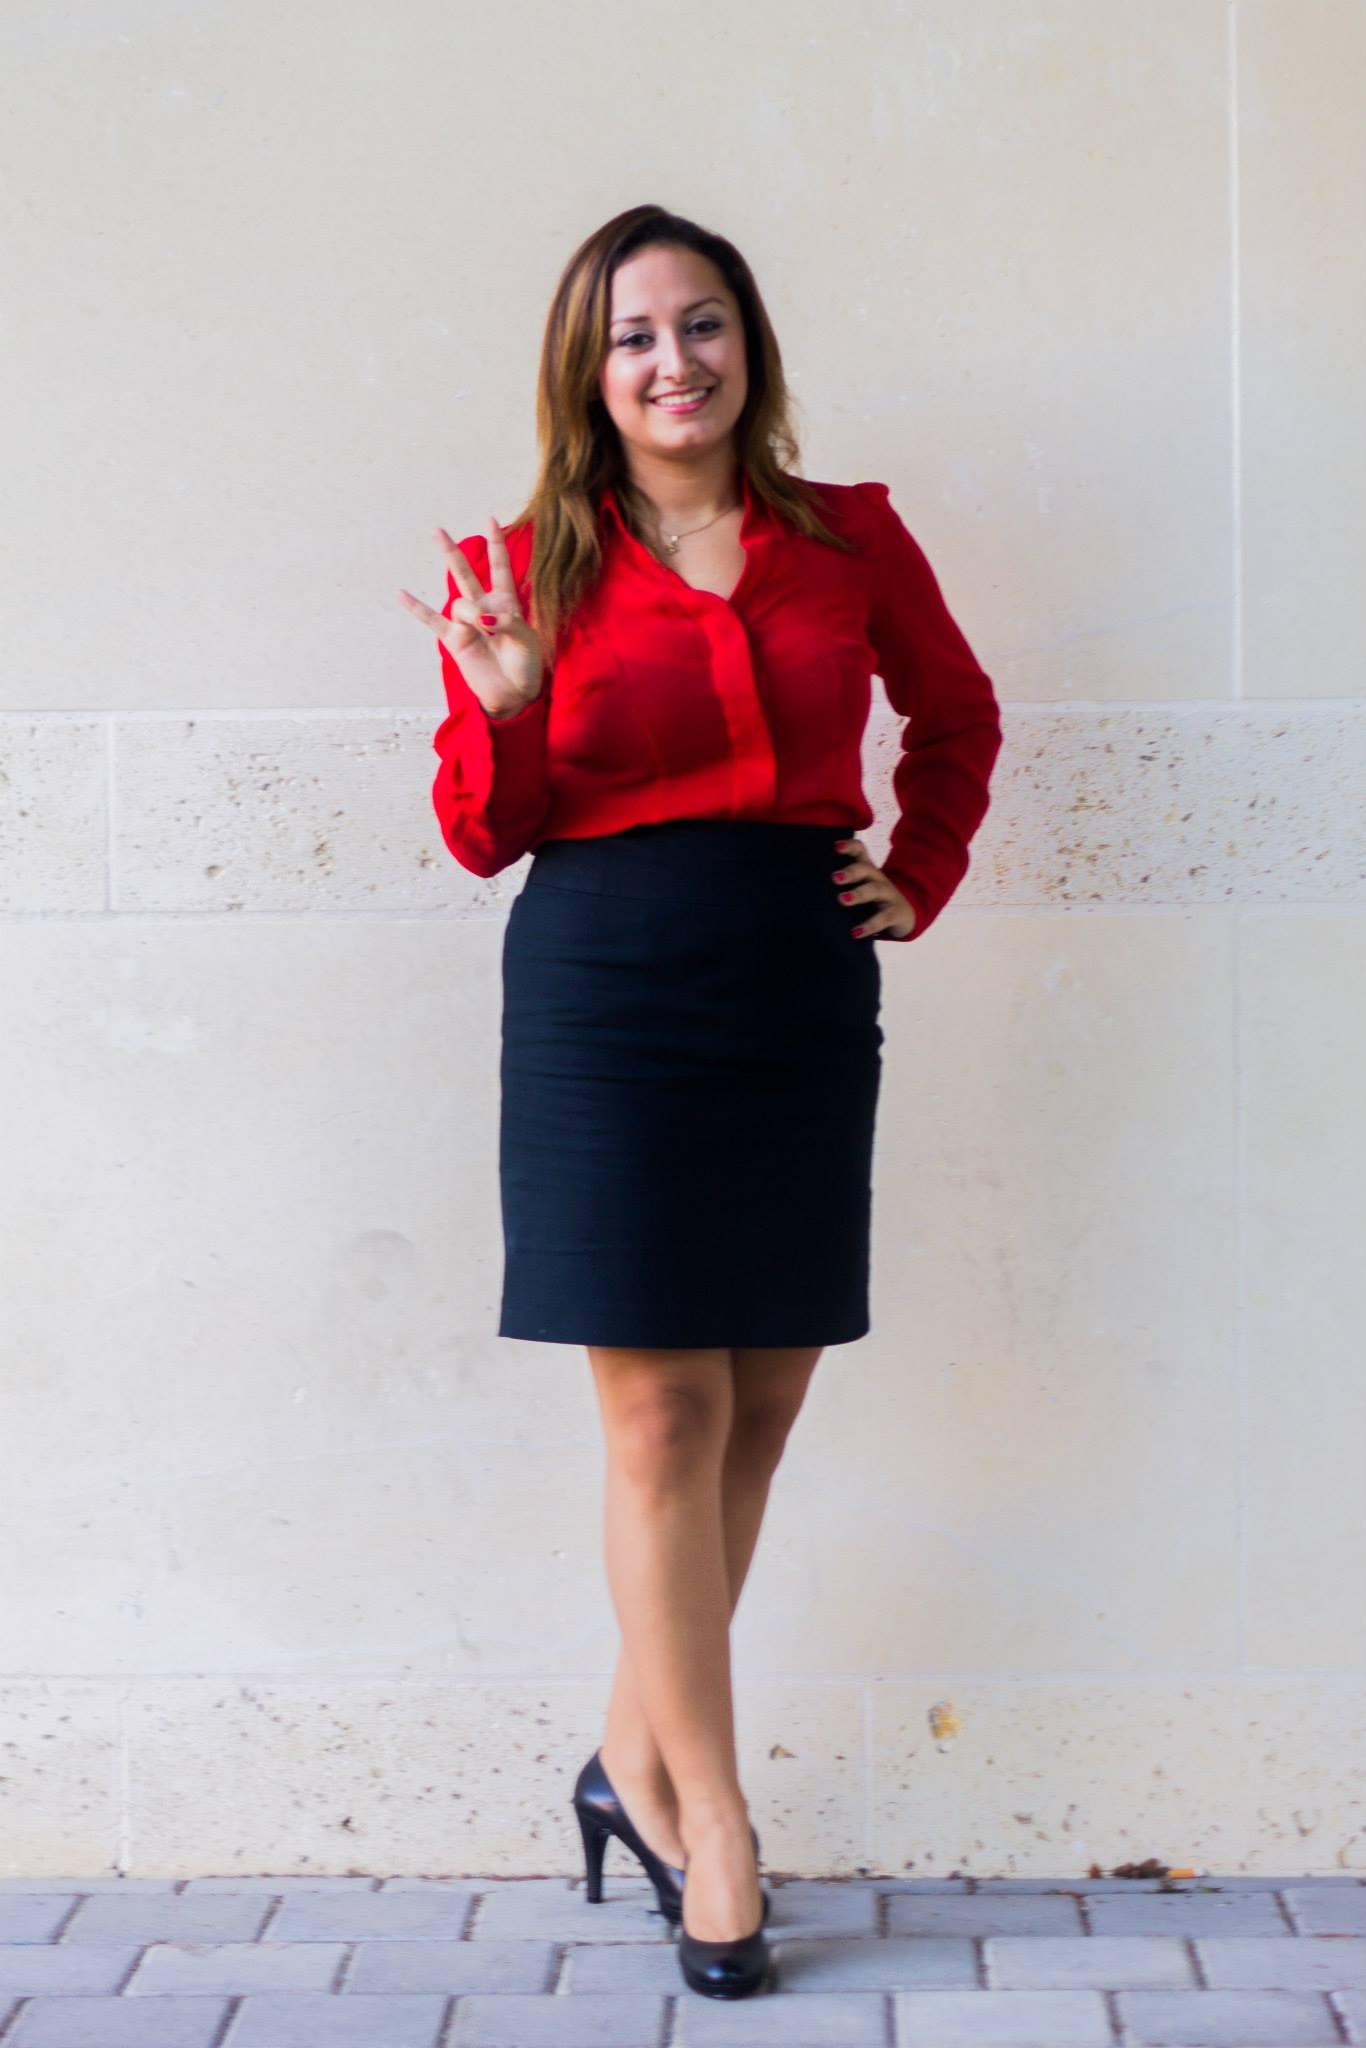 Jeanette Rivera